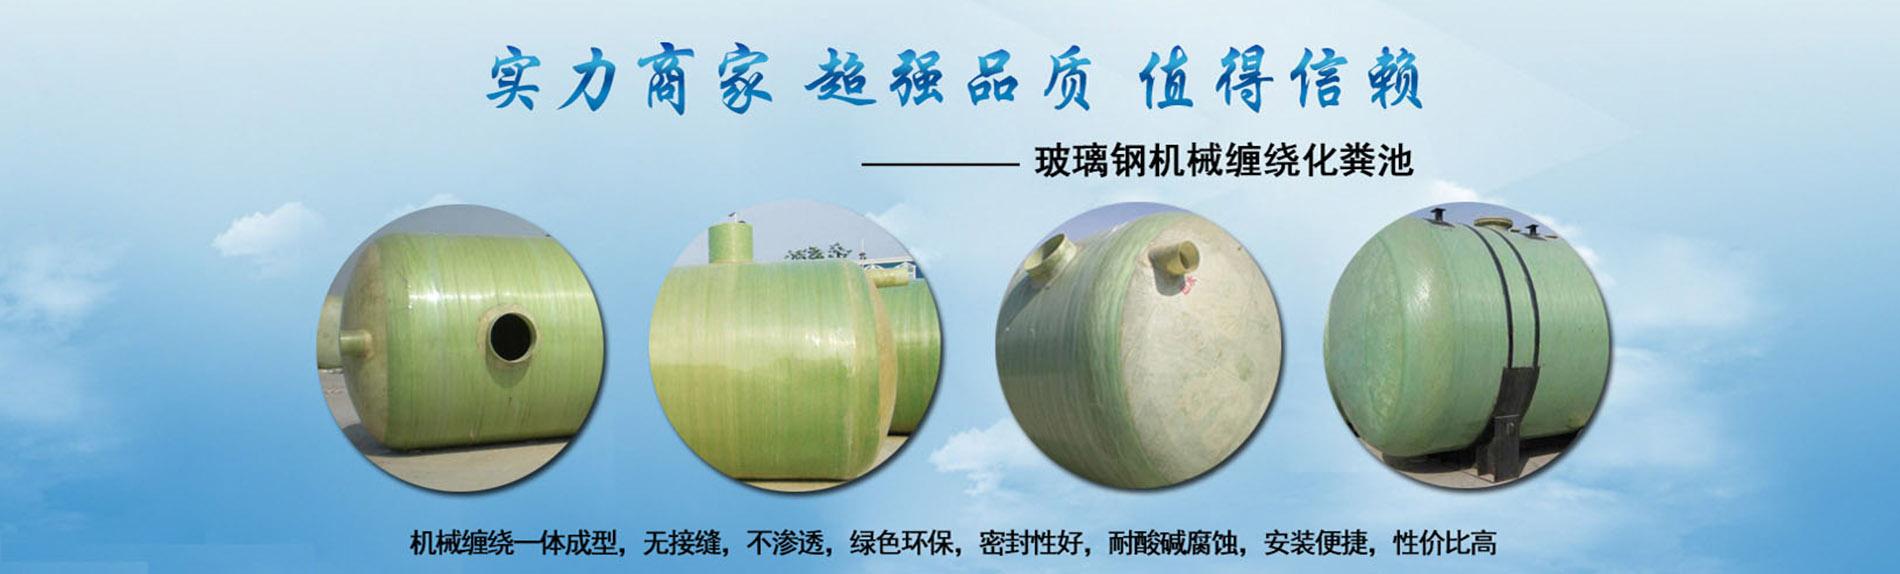 漳州化粪池,漳州玻璃钢化粪池,漳州玻璃钢化粪池厂家